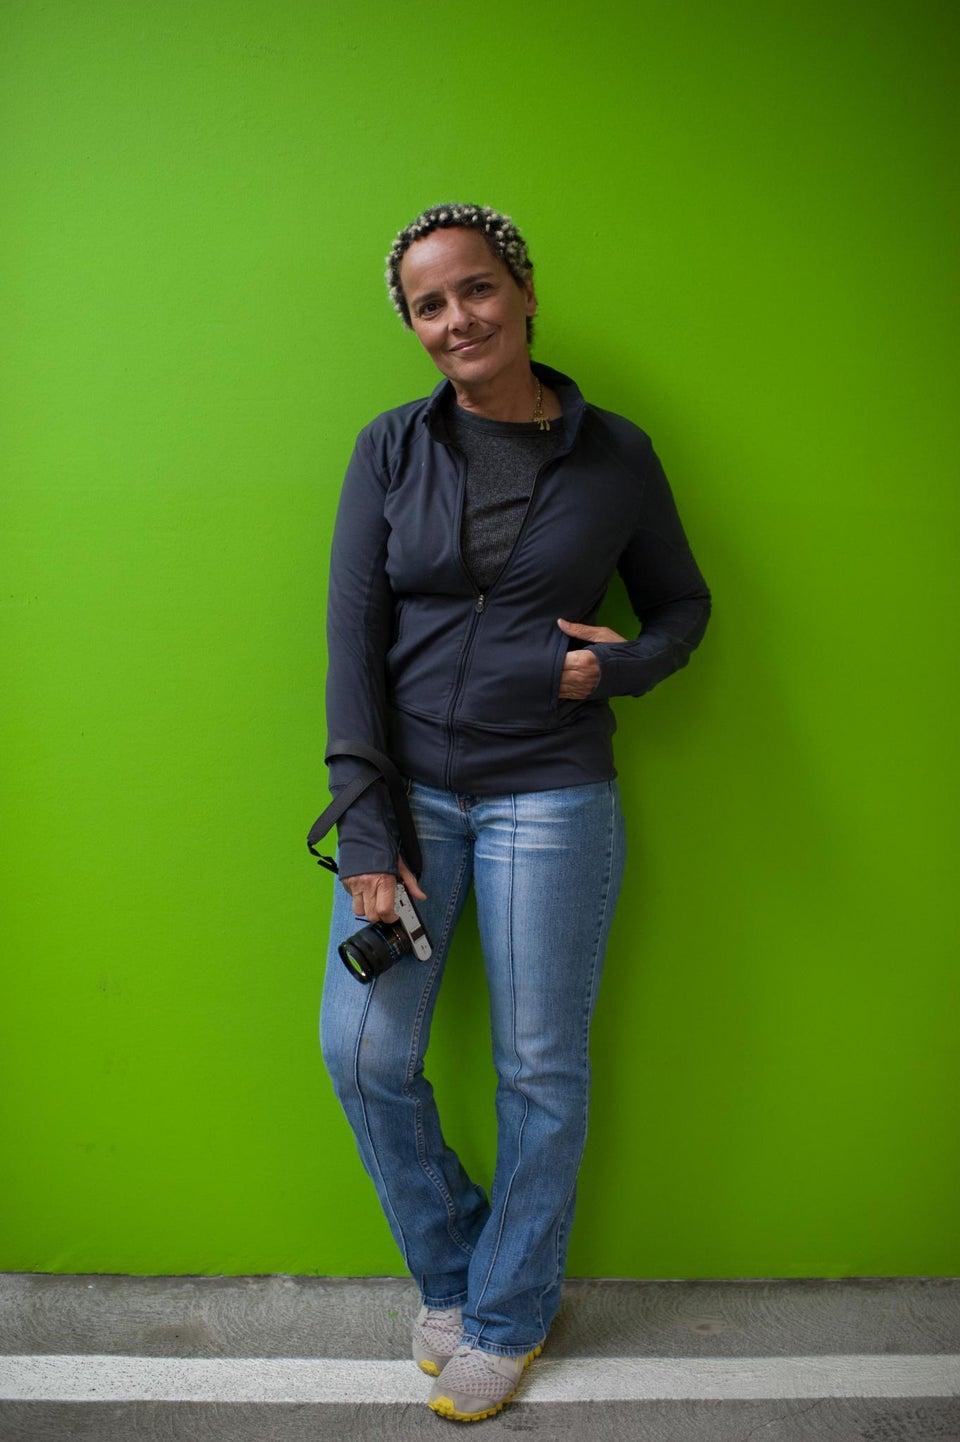 Shari Belafonte Reveals Her Hair and Weight Loss Regimen